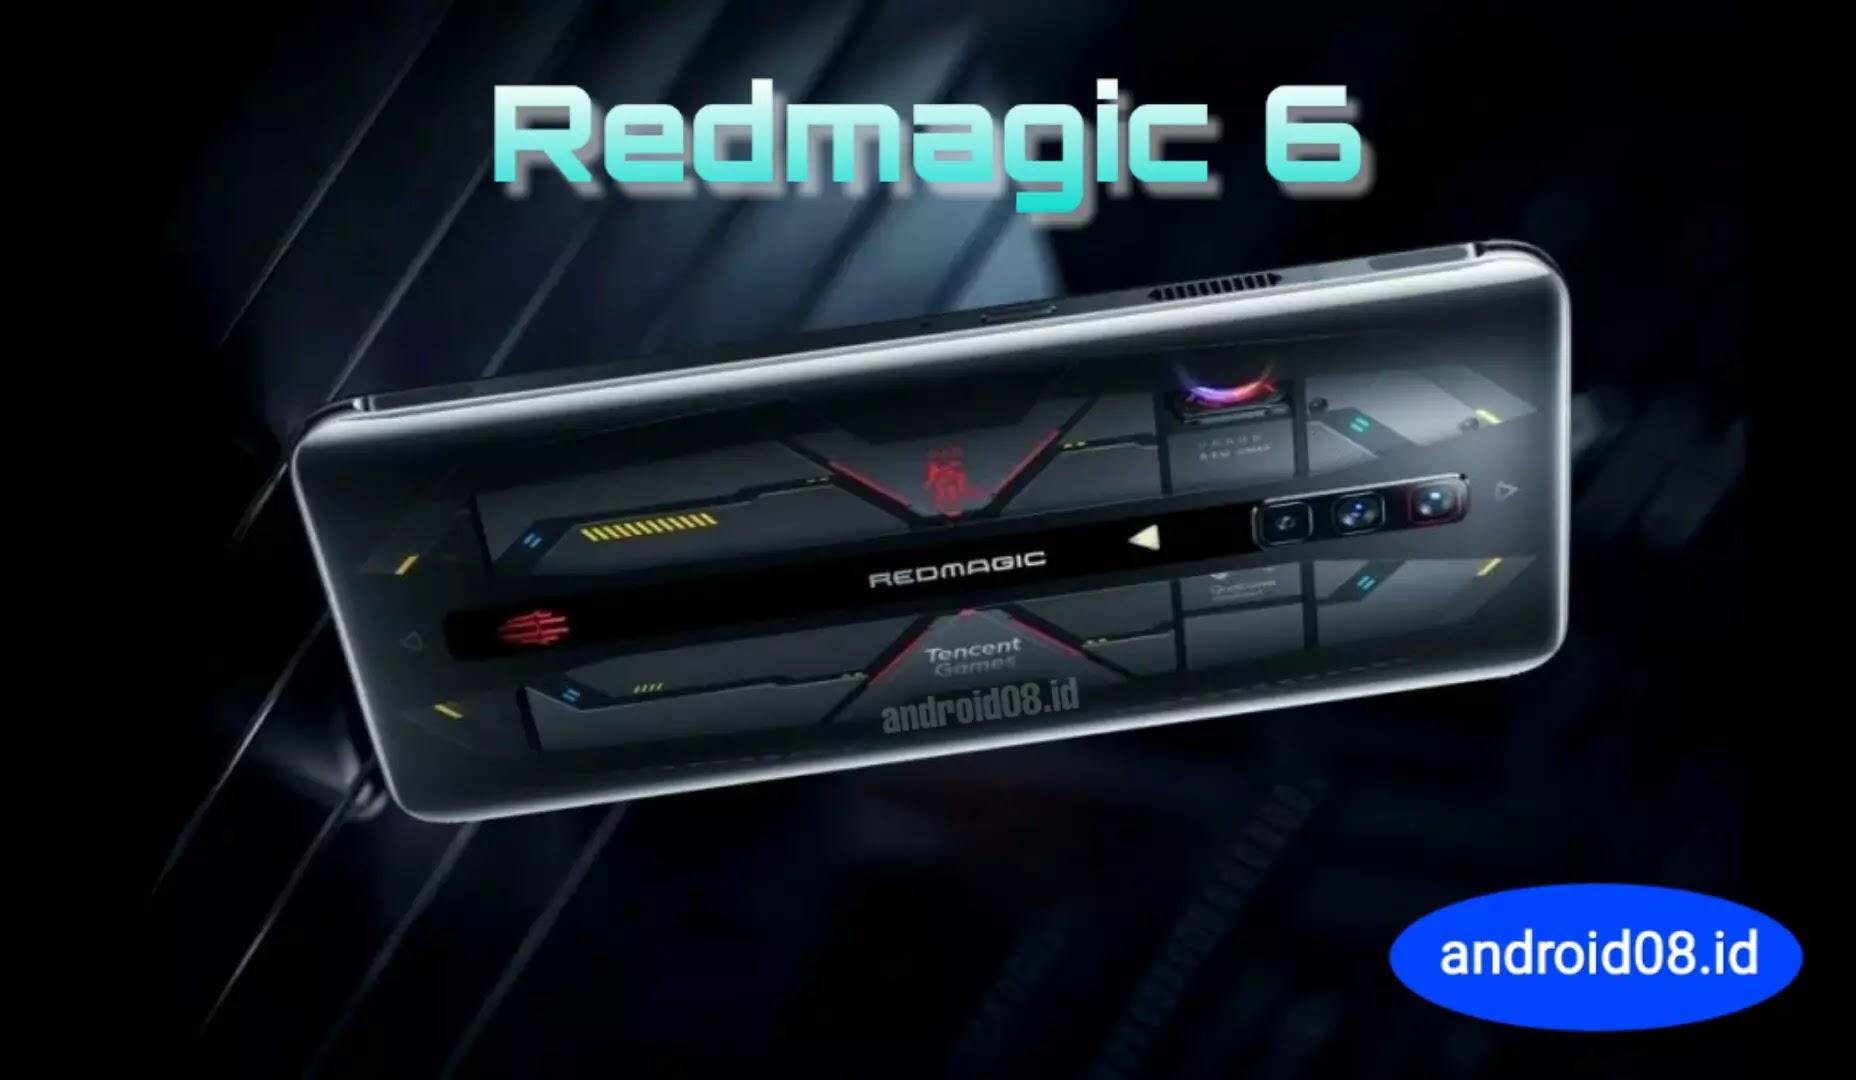 Kapasitas RAM 18 GB Redmagic Siap Ramaikan Pasar Android